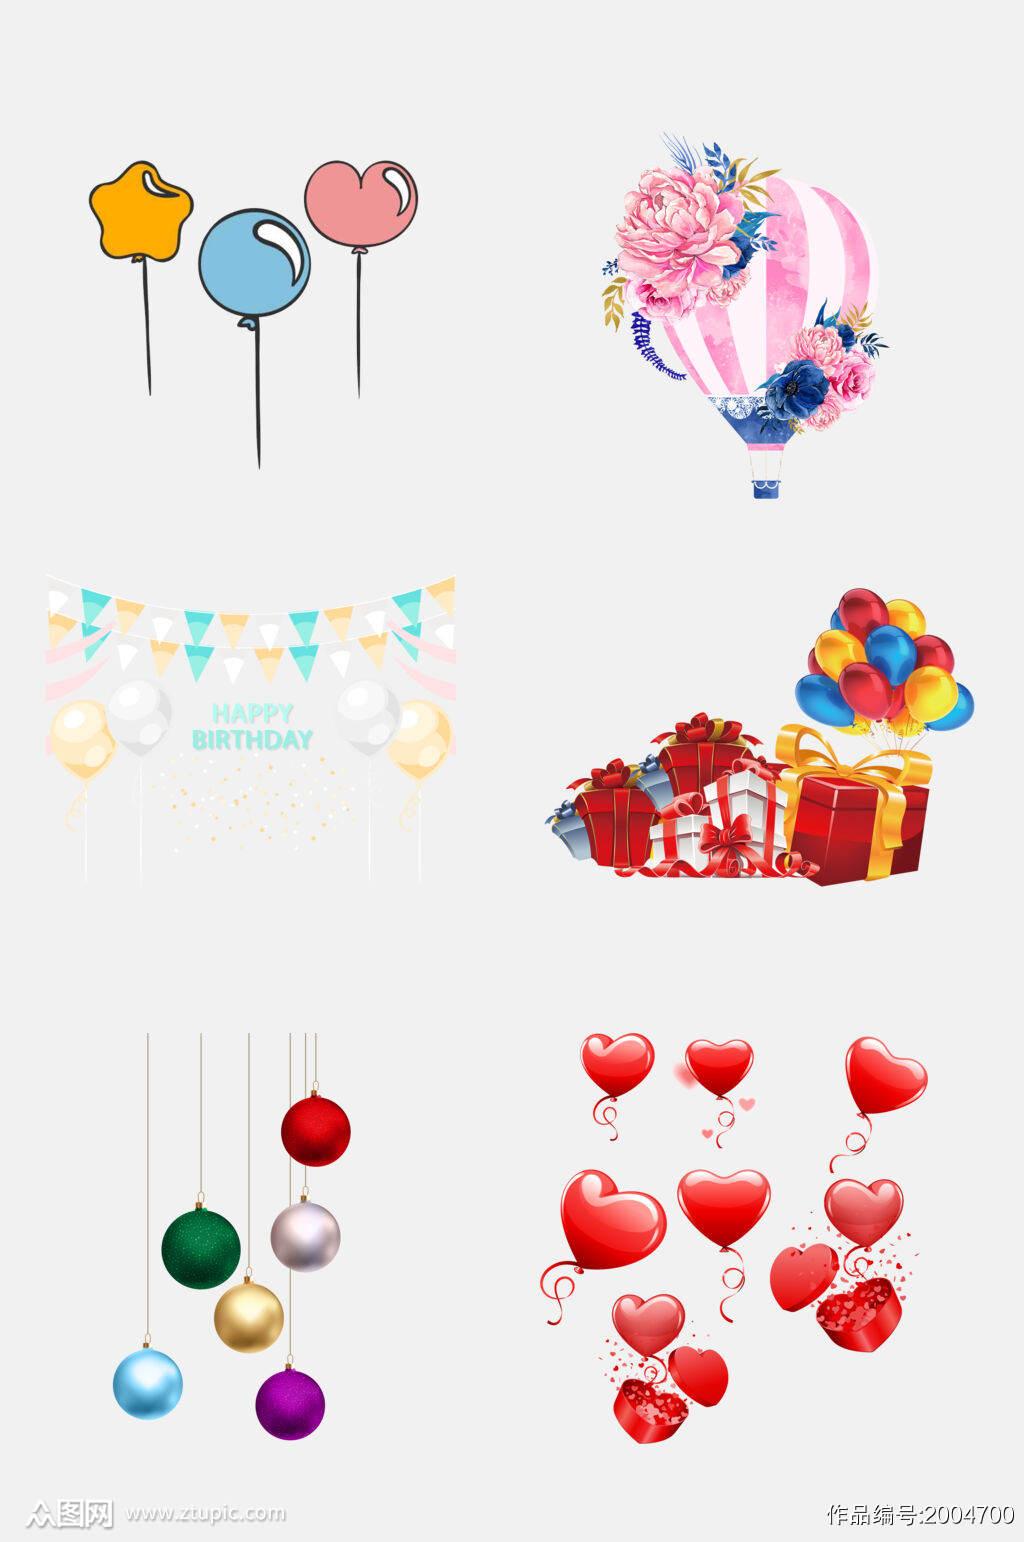 爱心花卉气球免抠元素素材